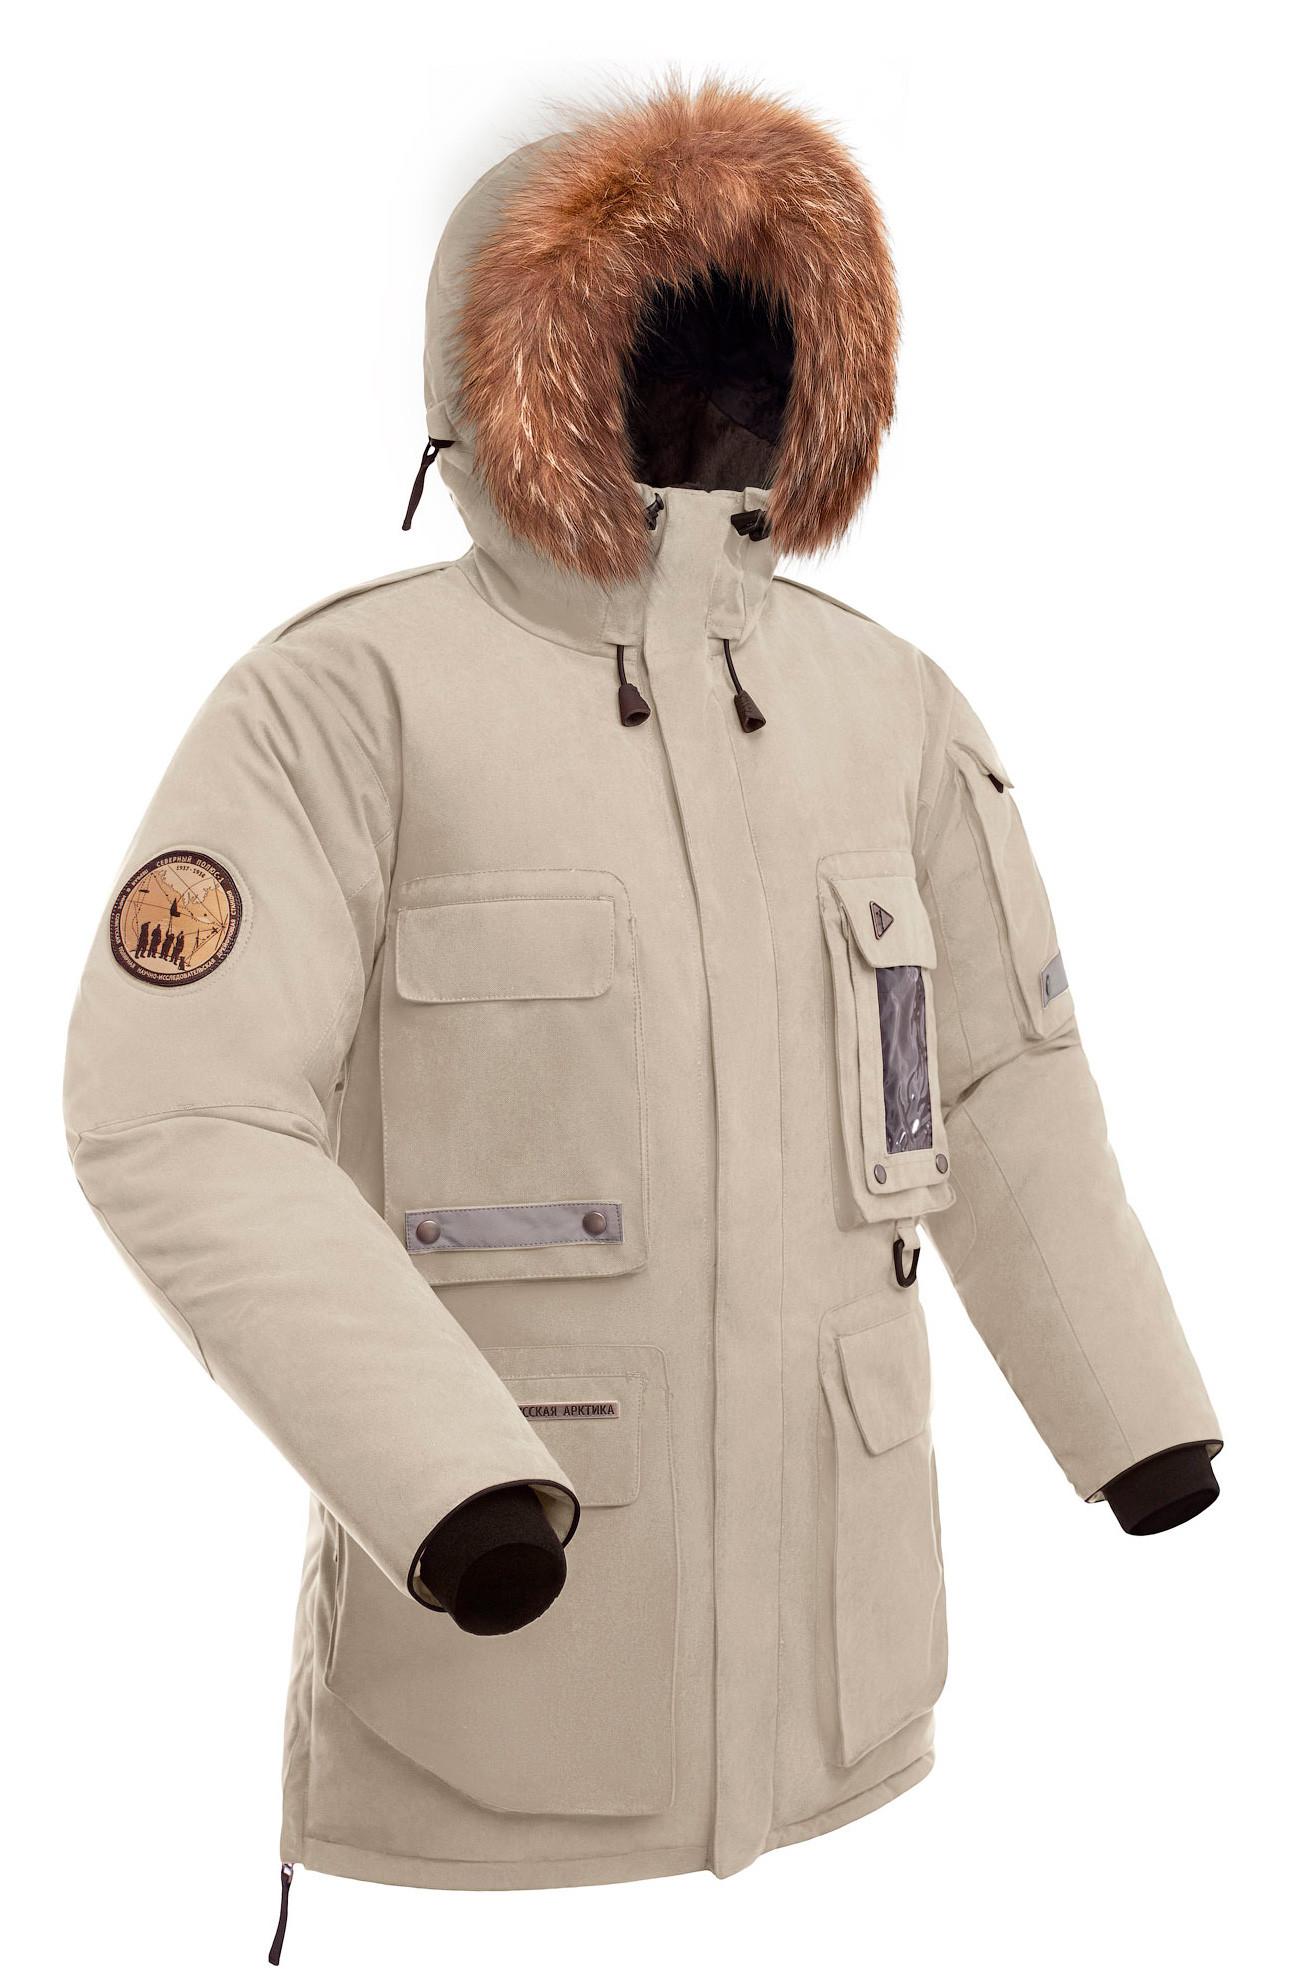 5c3e482c88ed Мужская пуховая куртка парка Баск YAMAL, производитель Компания БАСК ...